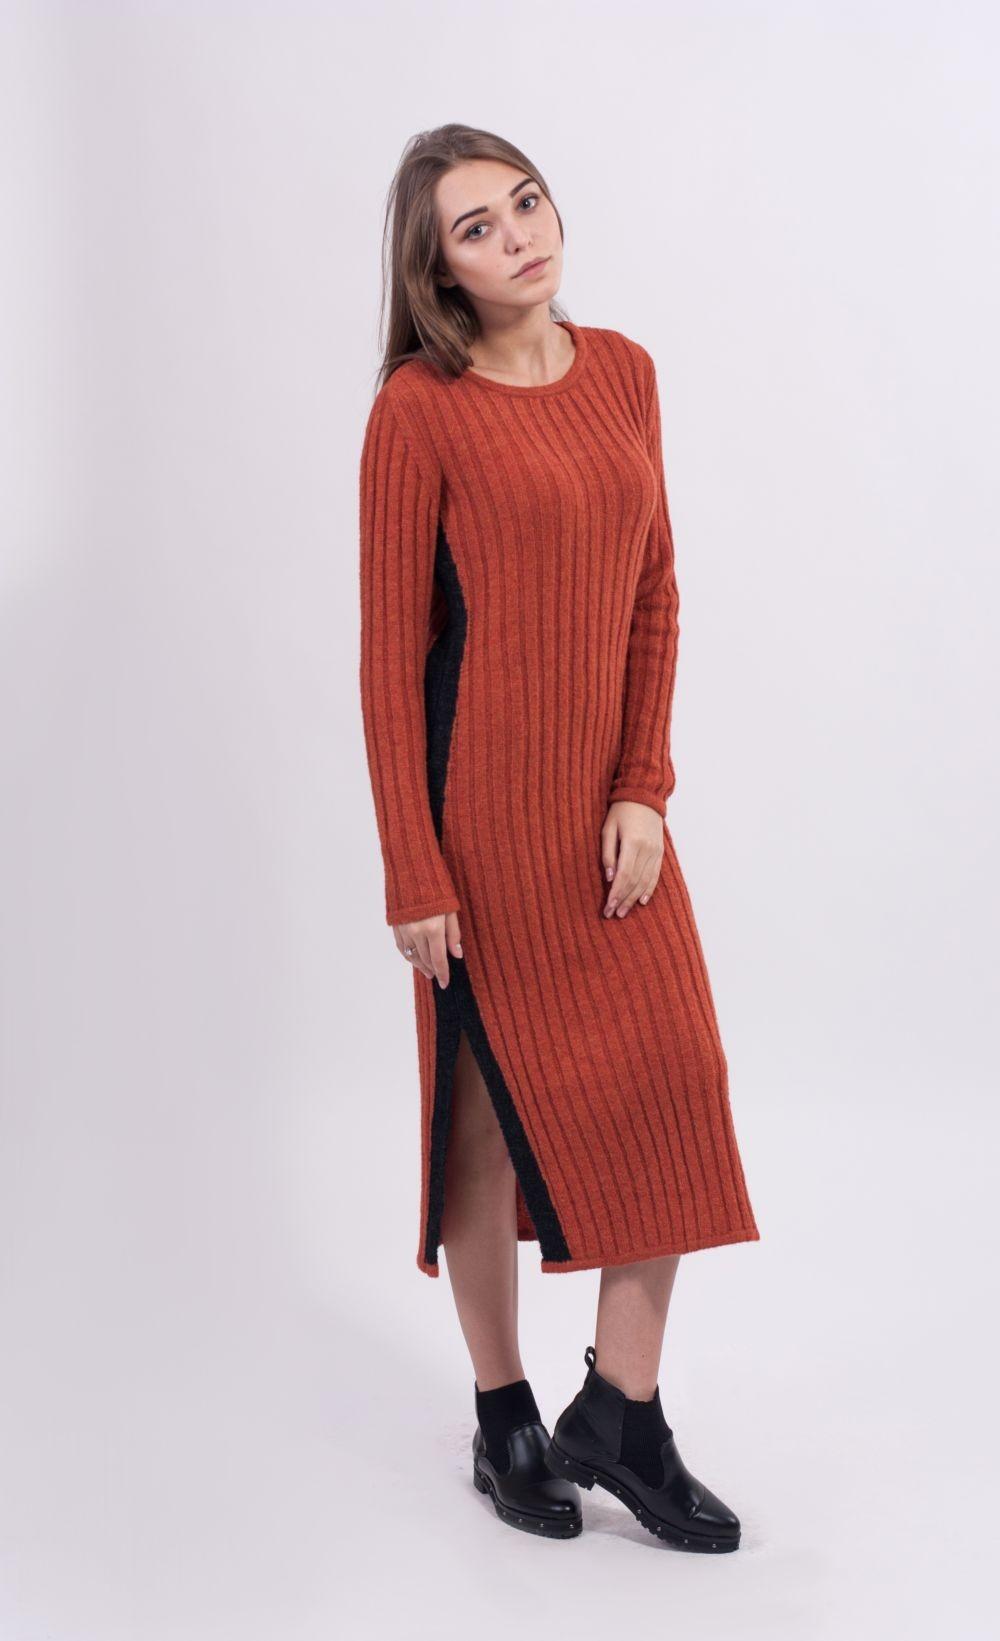 Что одеть на новогодний корпоратив 2019 фото: платье красное миди вязаное